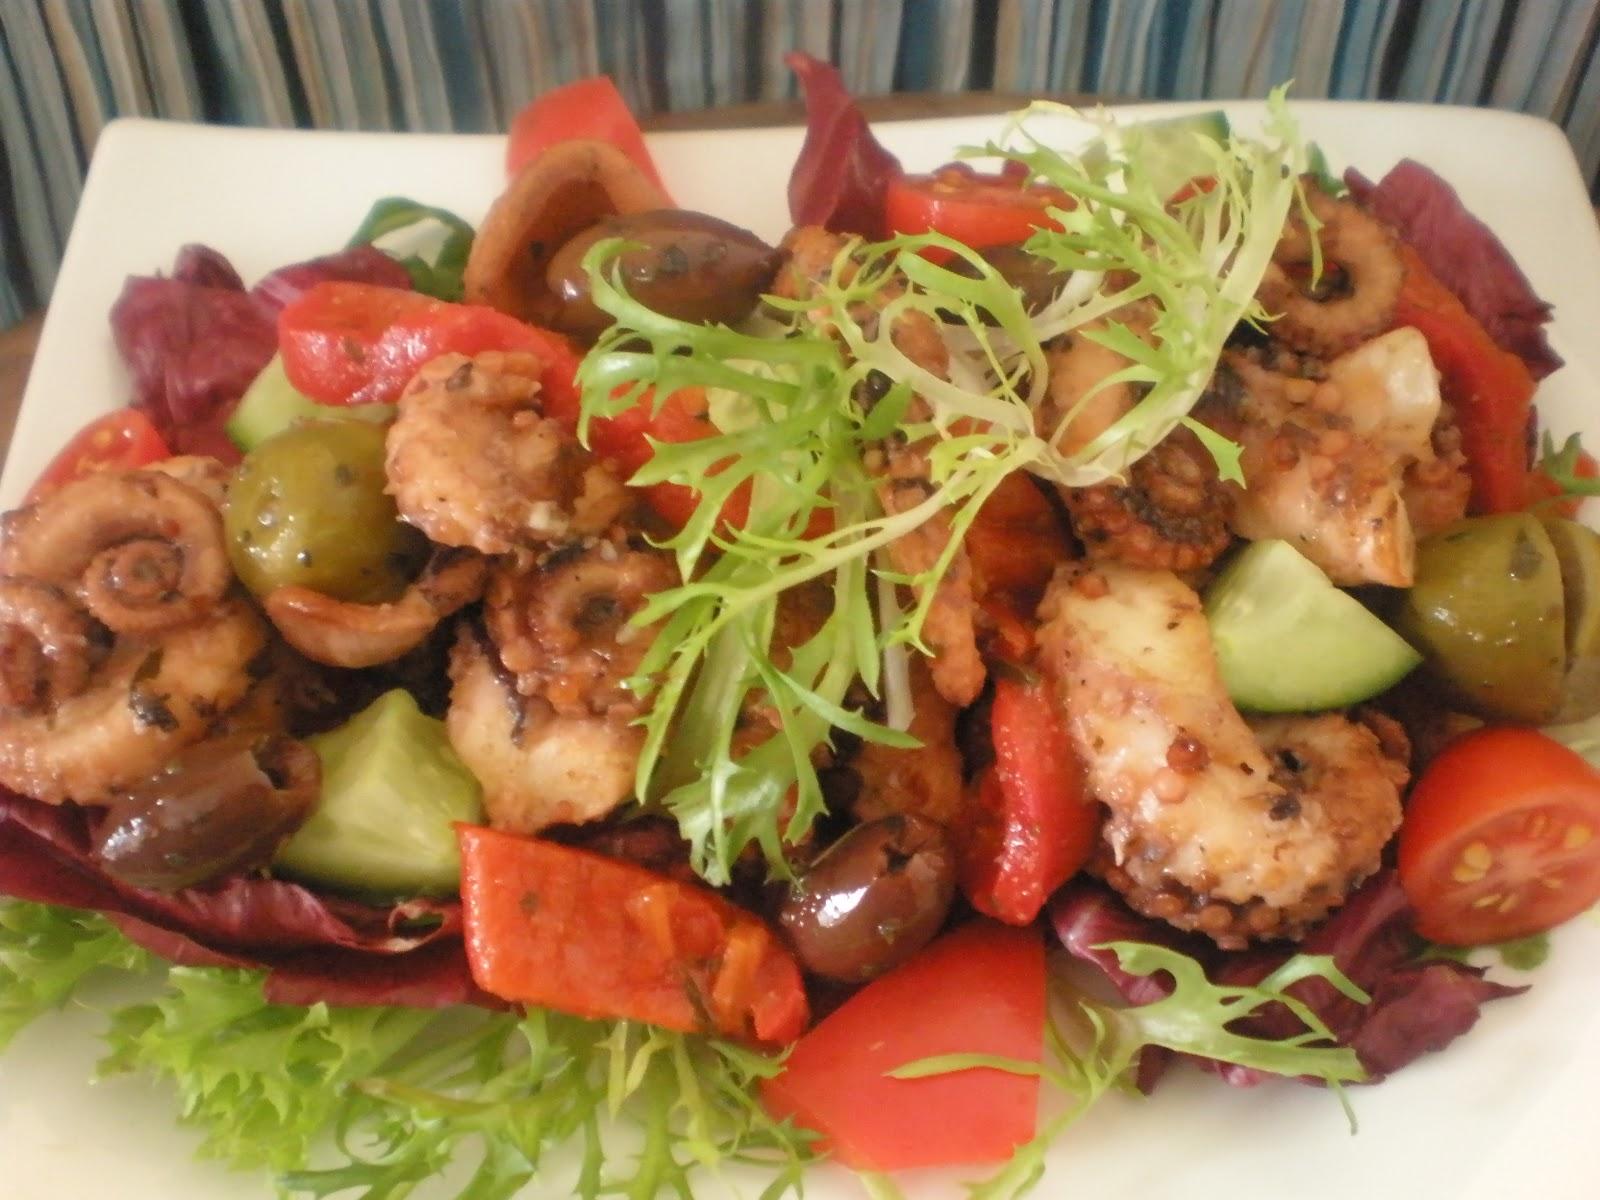 Octopus Garden Cafe Tauranga